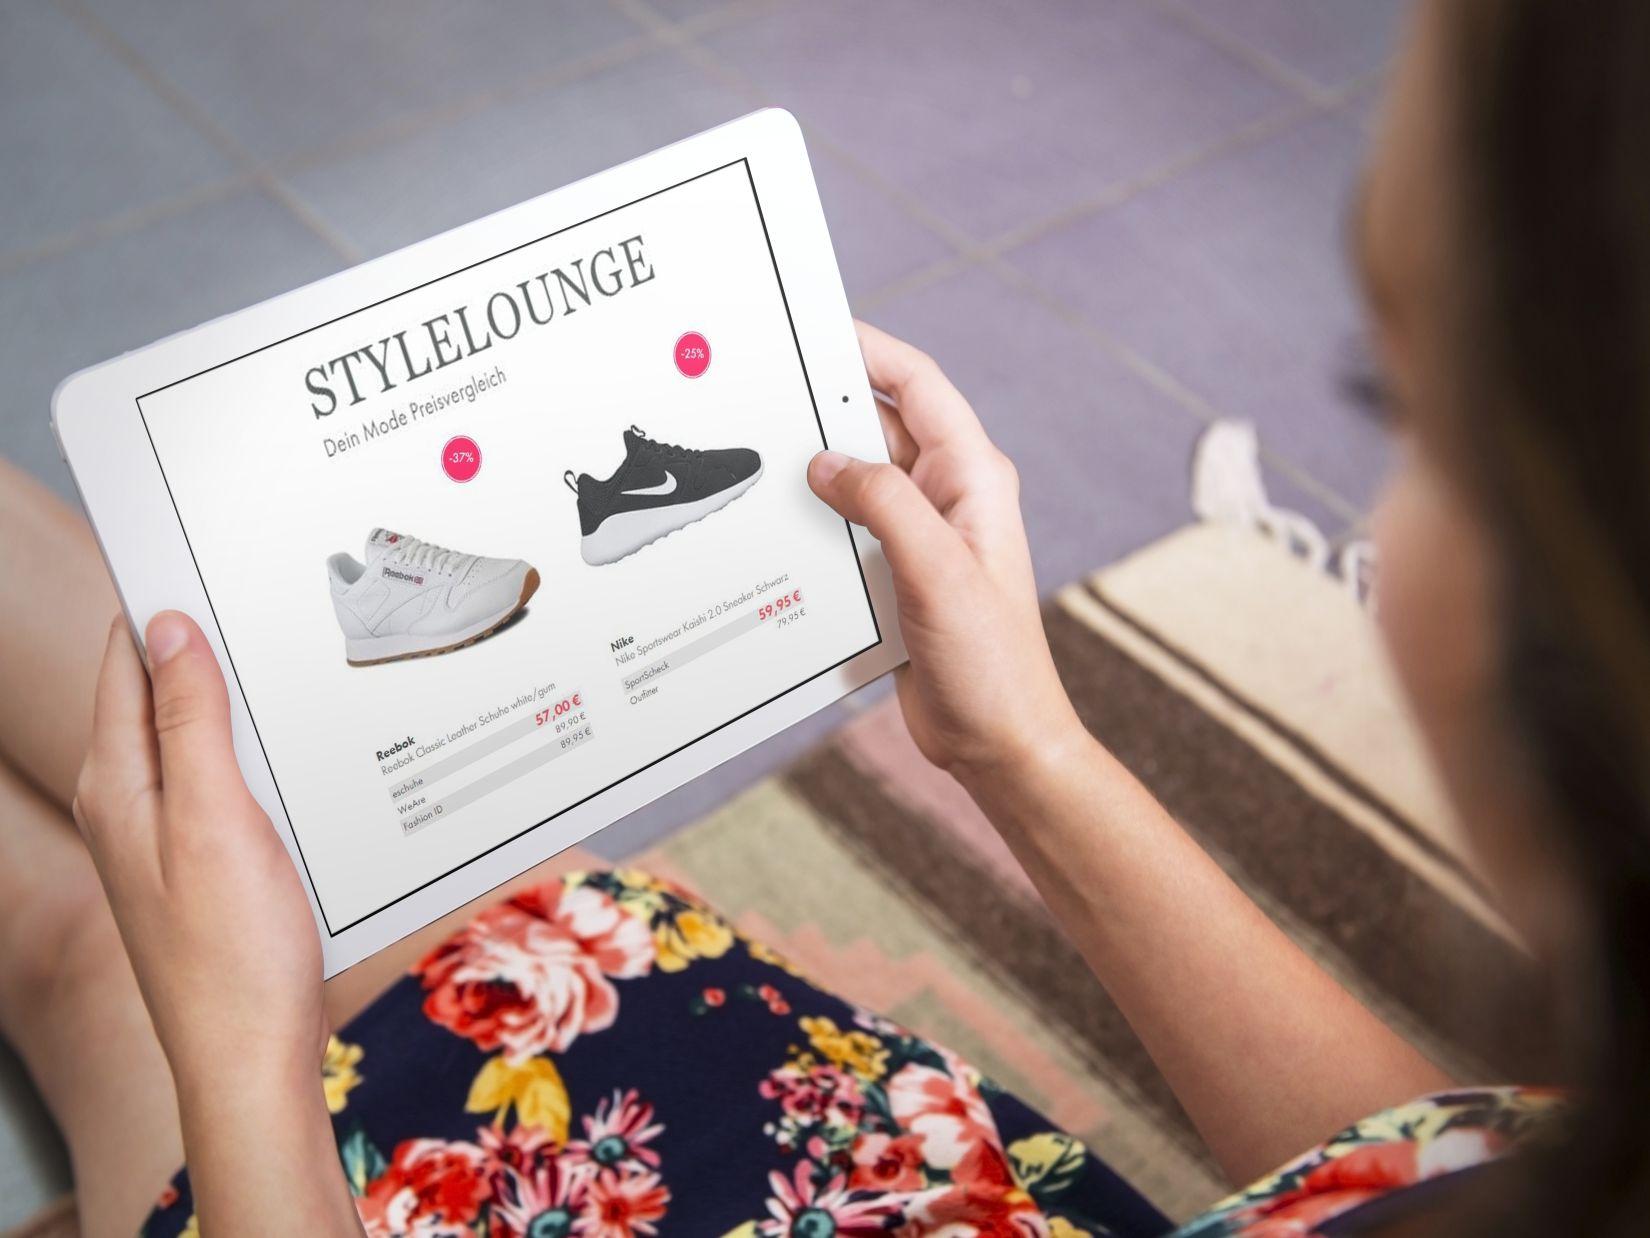 """Sneaker zum günstigsten Preis finden: 7 unschlagbare Geheim-Tipps für Online-Shopper / Wie man mit einfachen Tricks bares Geld beim Sneaker-Kauf sparen kann / Preisvergleiche verschaffen Verbrauchern einen schnellen Überblick über viele Händler und helfen so schnell die günstigsten Angebote zu identifizieren. Für Mode und Schuhe eignet sich beispielsweise StyleLounge, eine spezialisierte  Mode-Preisvergleichsseite. Weiterer Text über ots und www.presseportal.de/nr/126985 / Die Verwendung dieses Bildes ist für redaktionelle Zwecke honorarfrei. Veröffentlichung bitte unter Quellenangabe: """"obs/StyleLounge GmbH/Foto: placeit.net"""""""